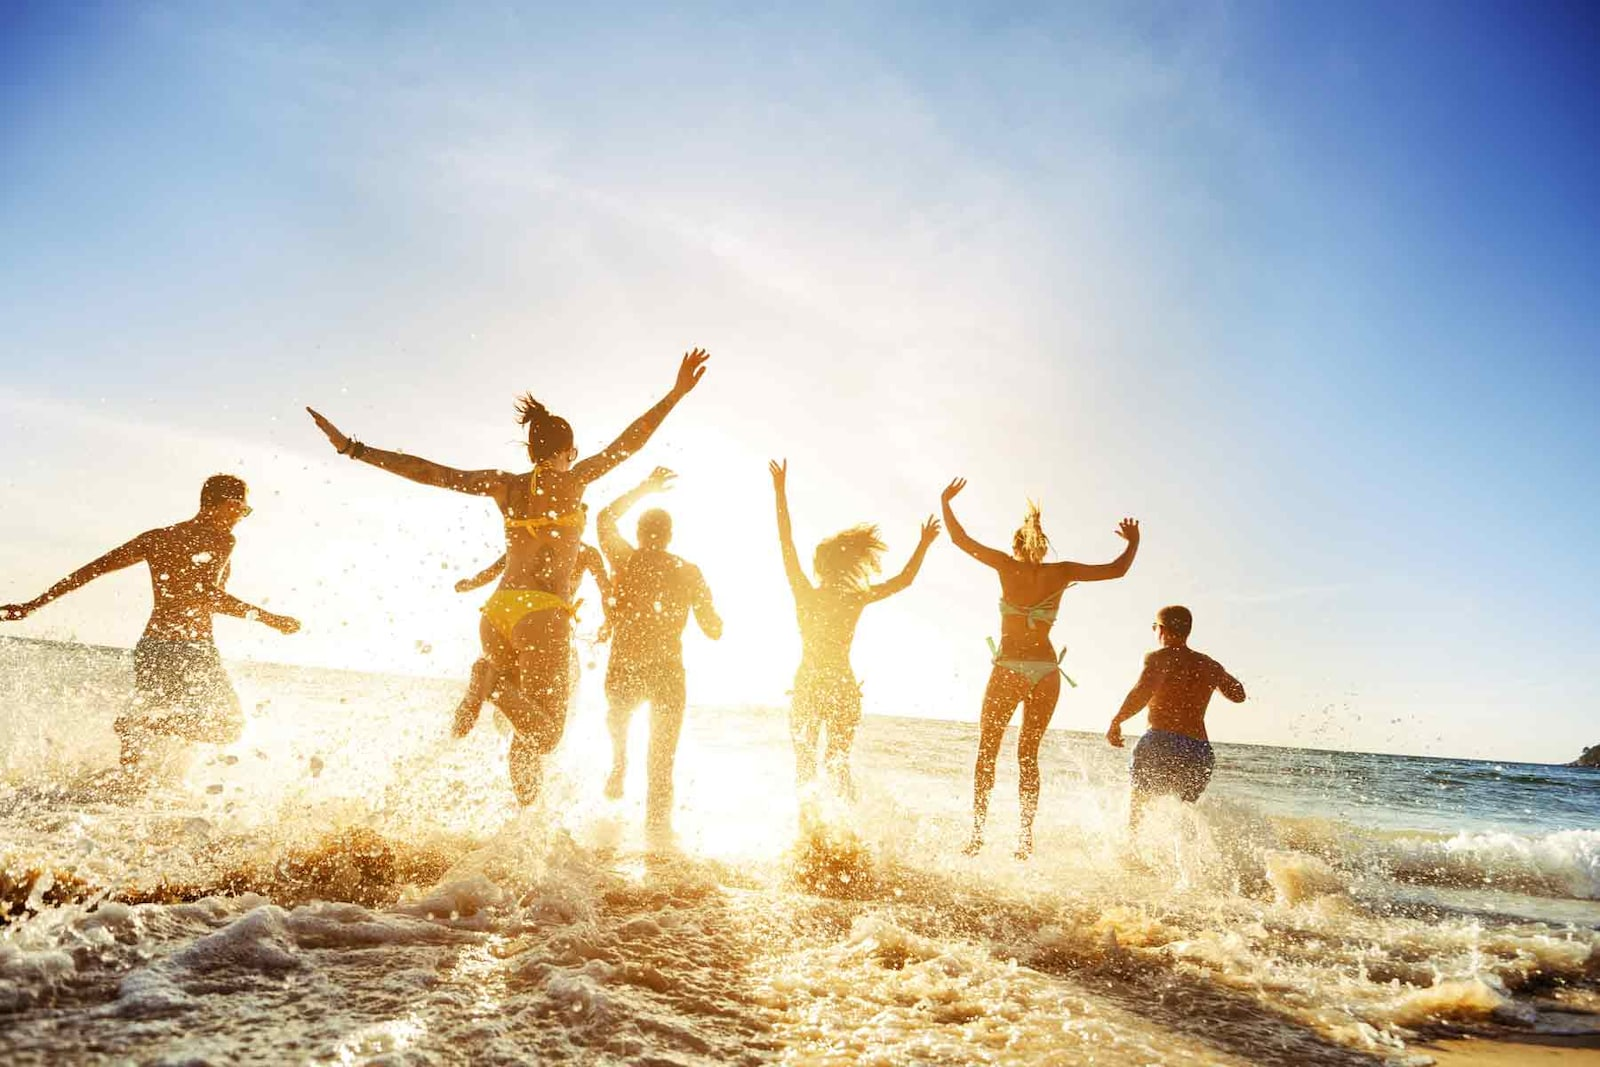 Молодежь дурачится на пляже, порнуха с связанными